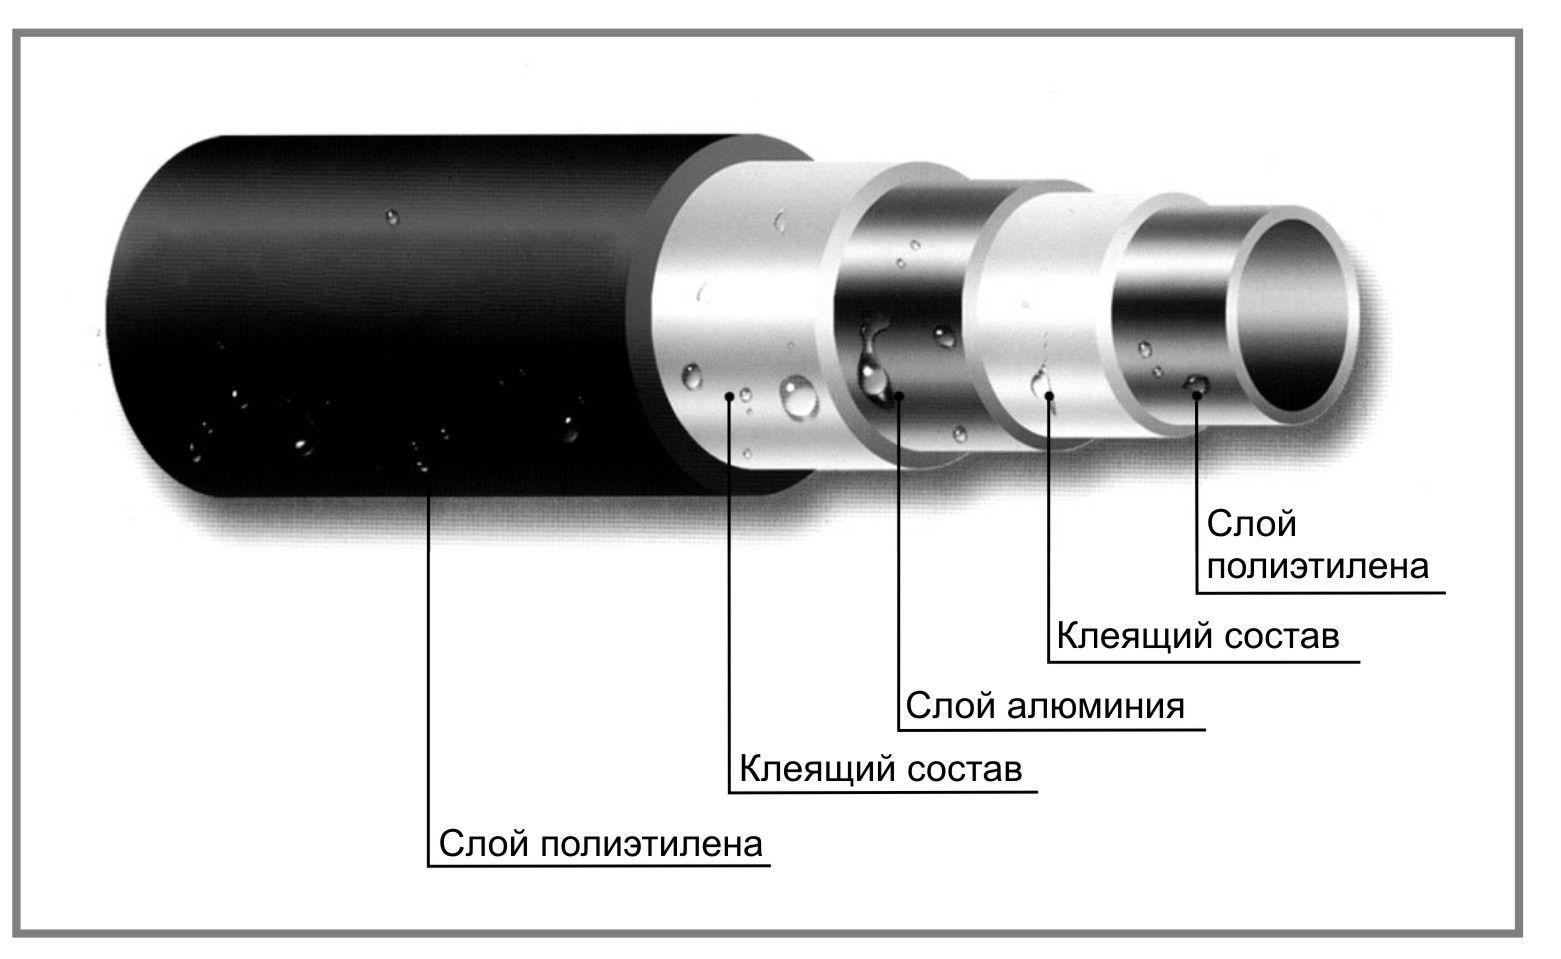 Строение полиэтиленовой трубы